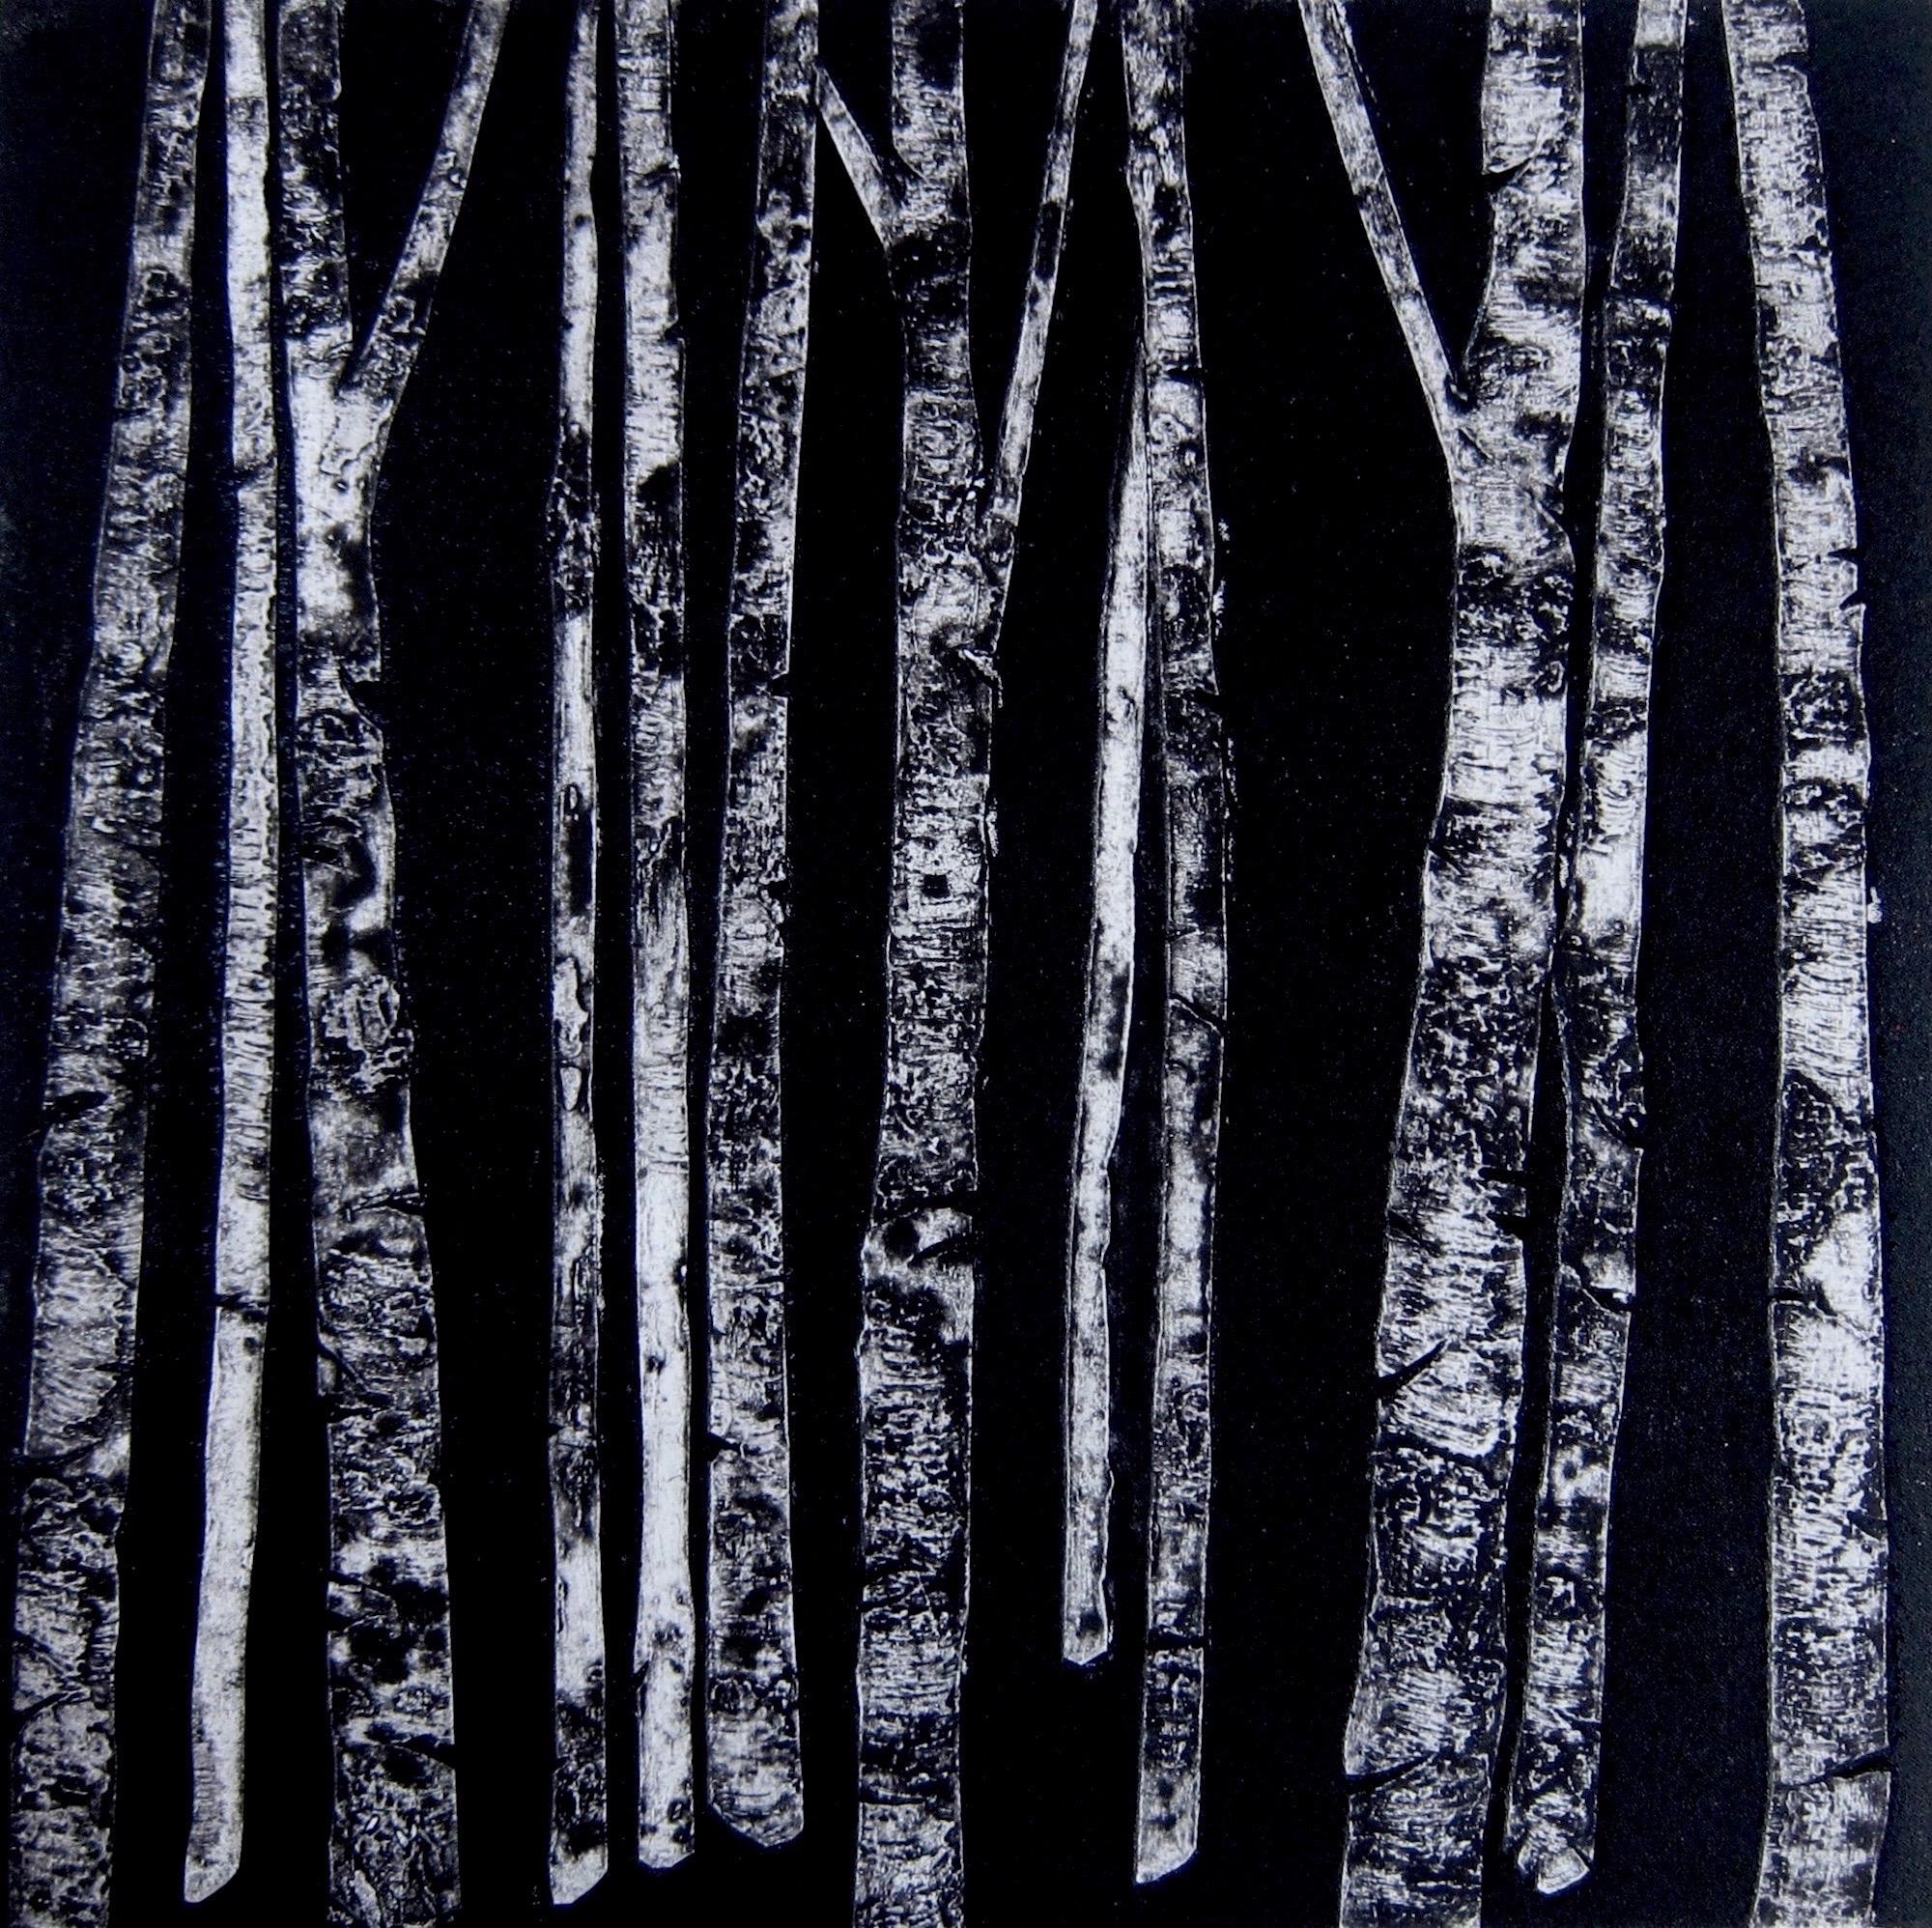 Birches  silk aquatint  40 x 40 cm  £180